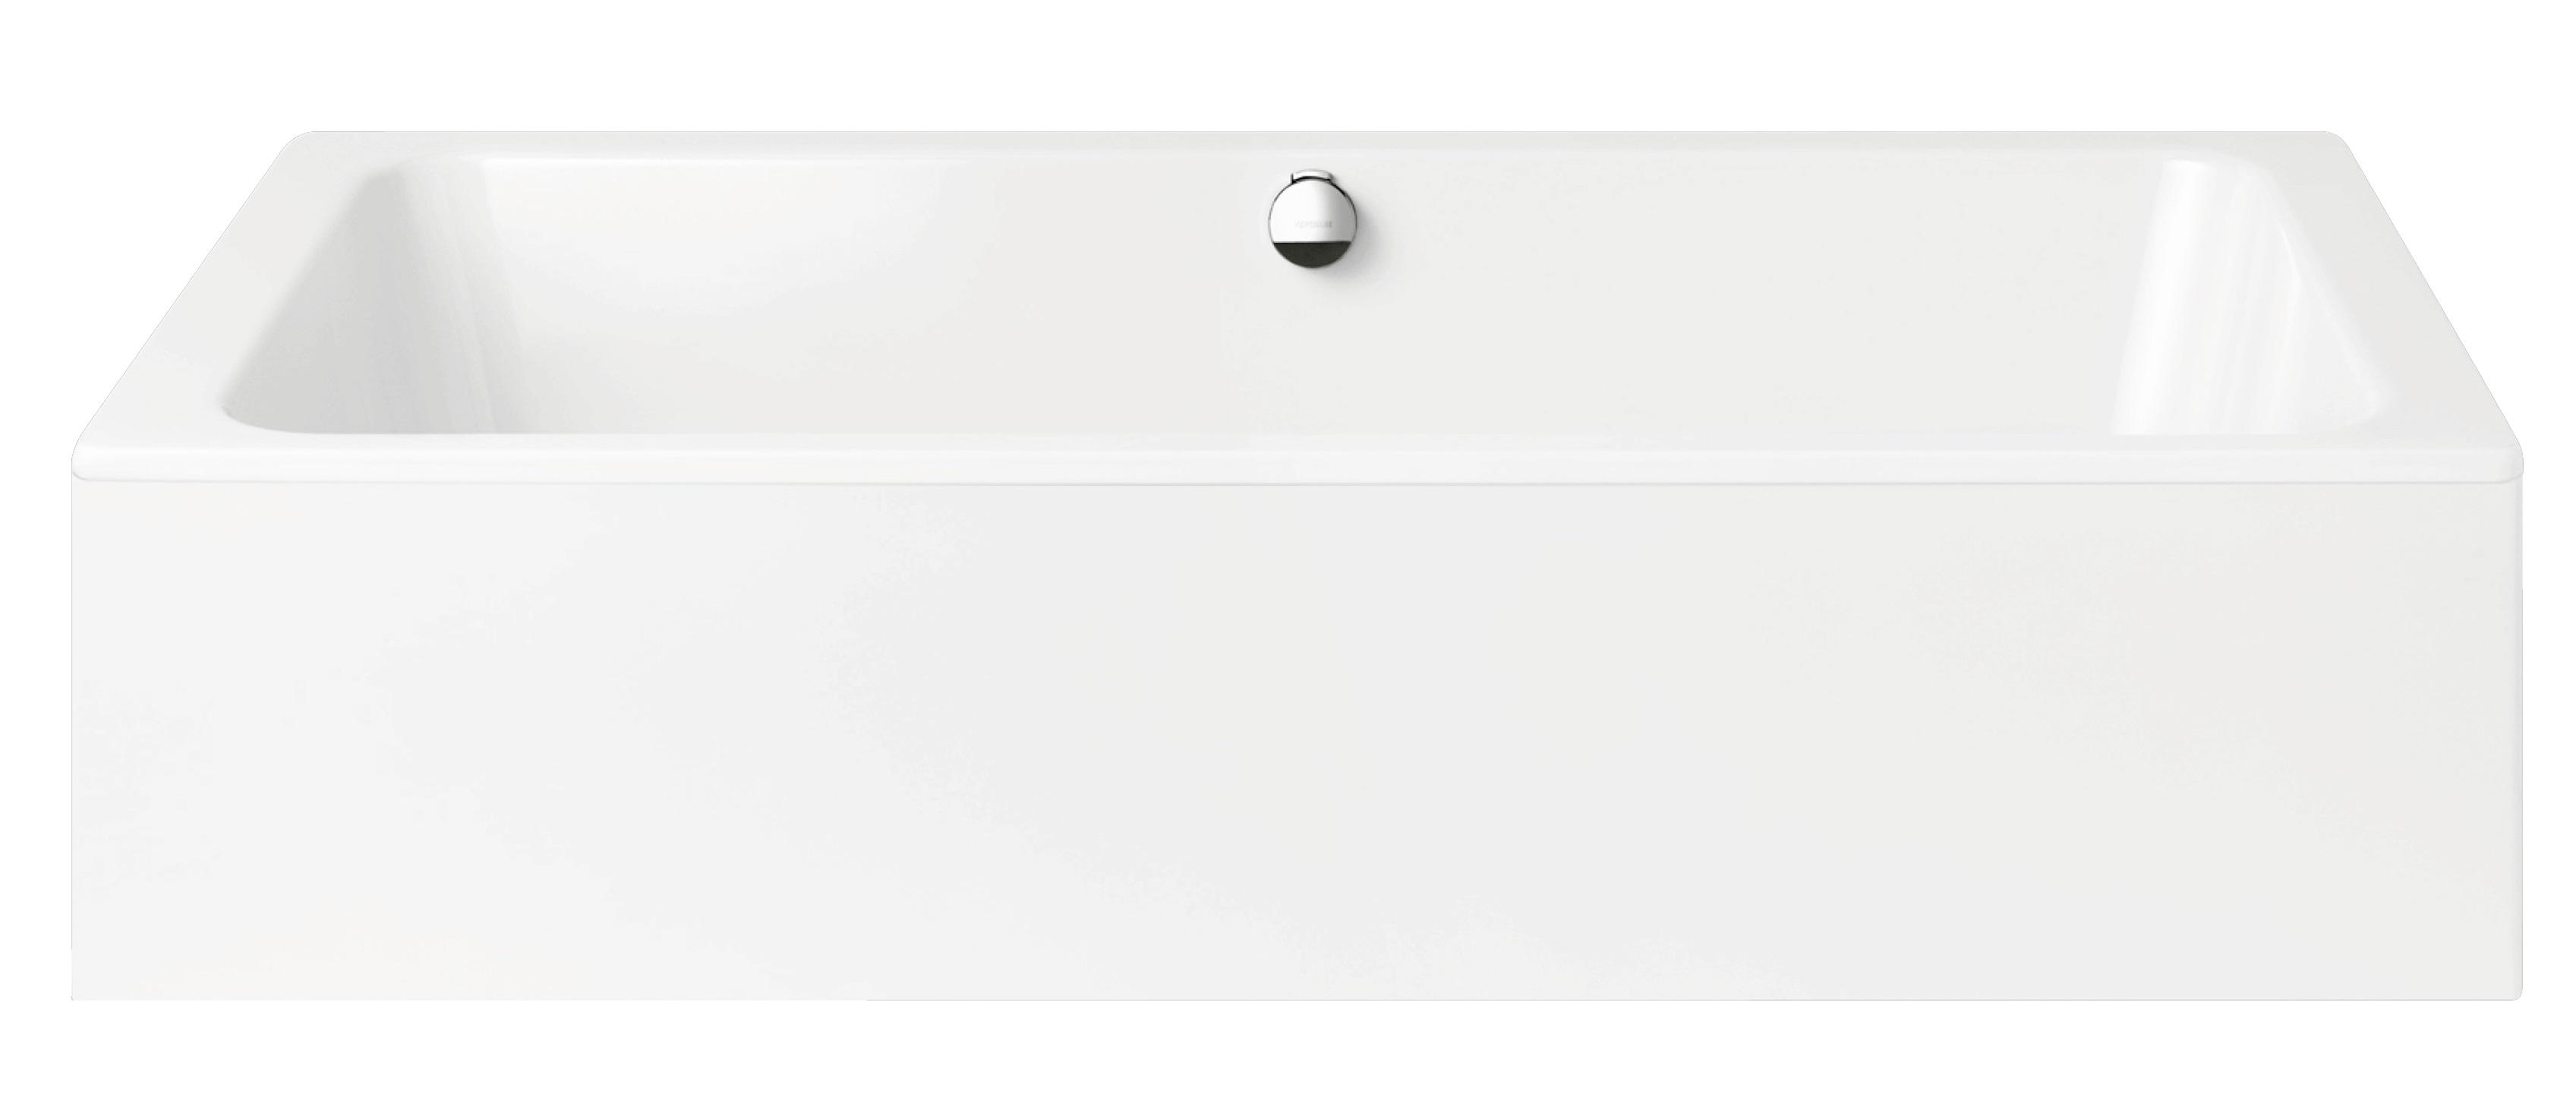 Kaldewei Bassino - ocelová vana obdélníková 200 x 100 cm s panelem do prostoru 144-7